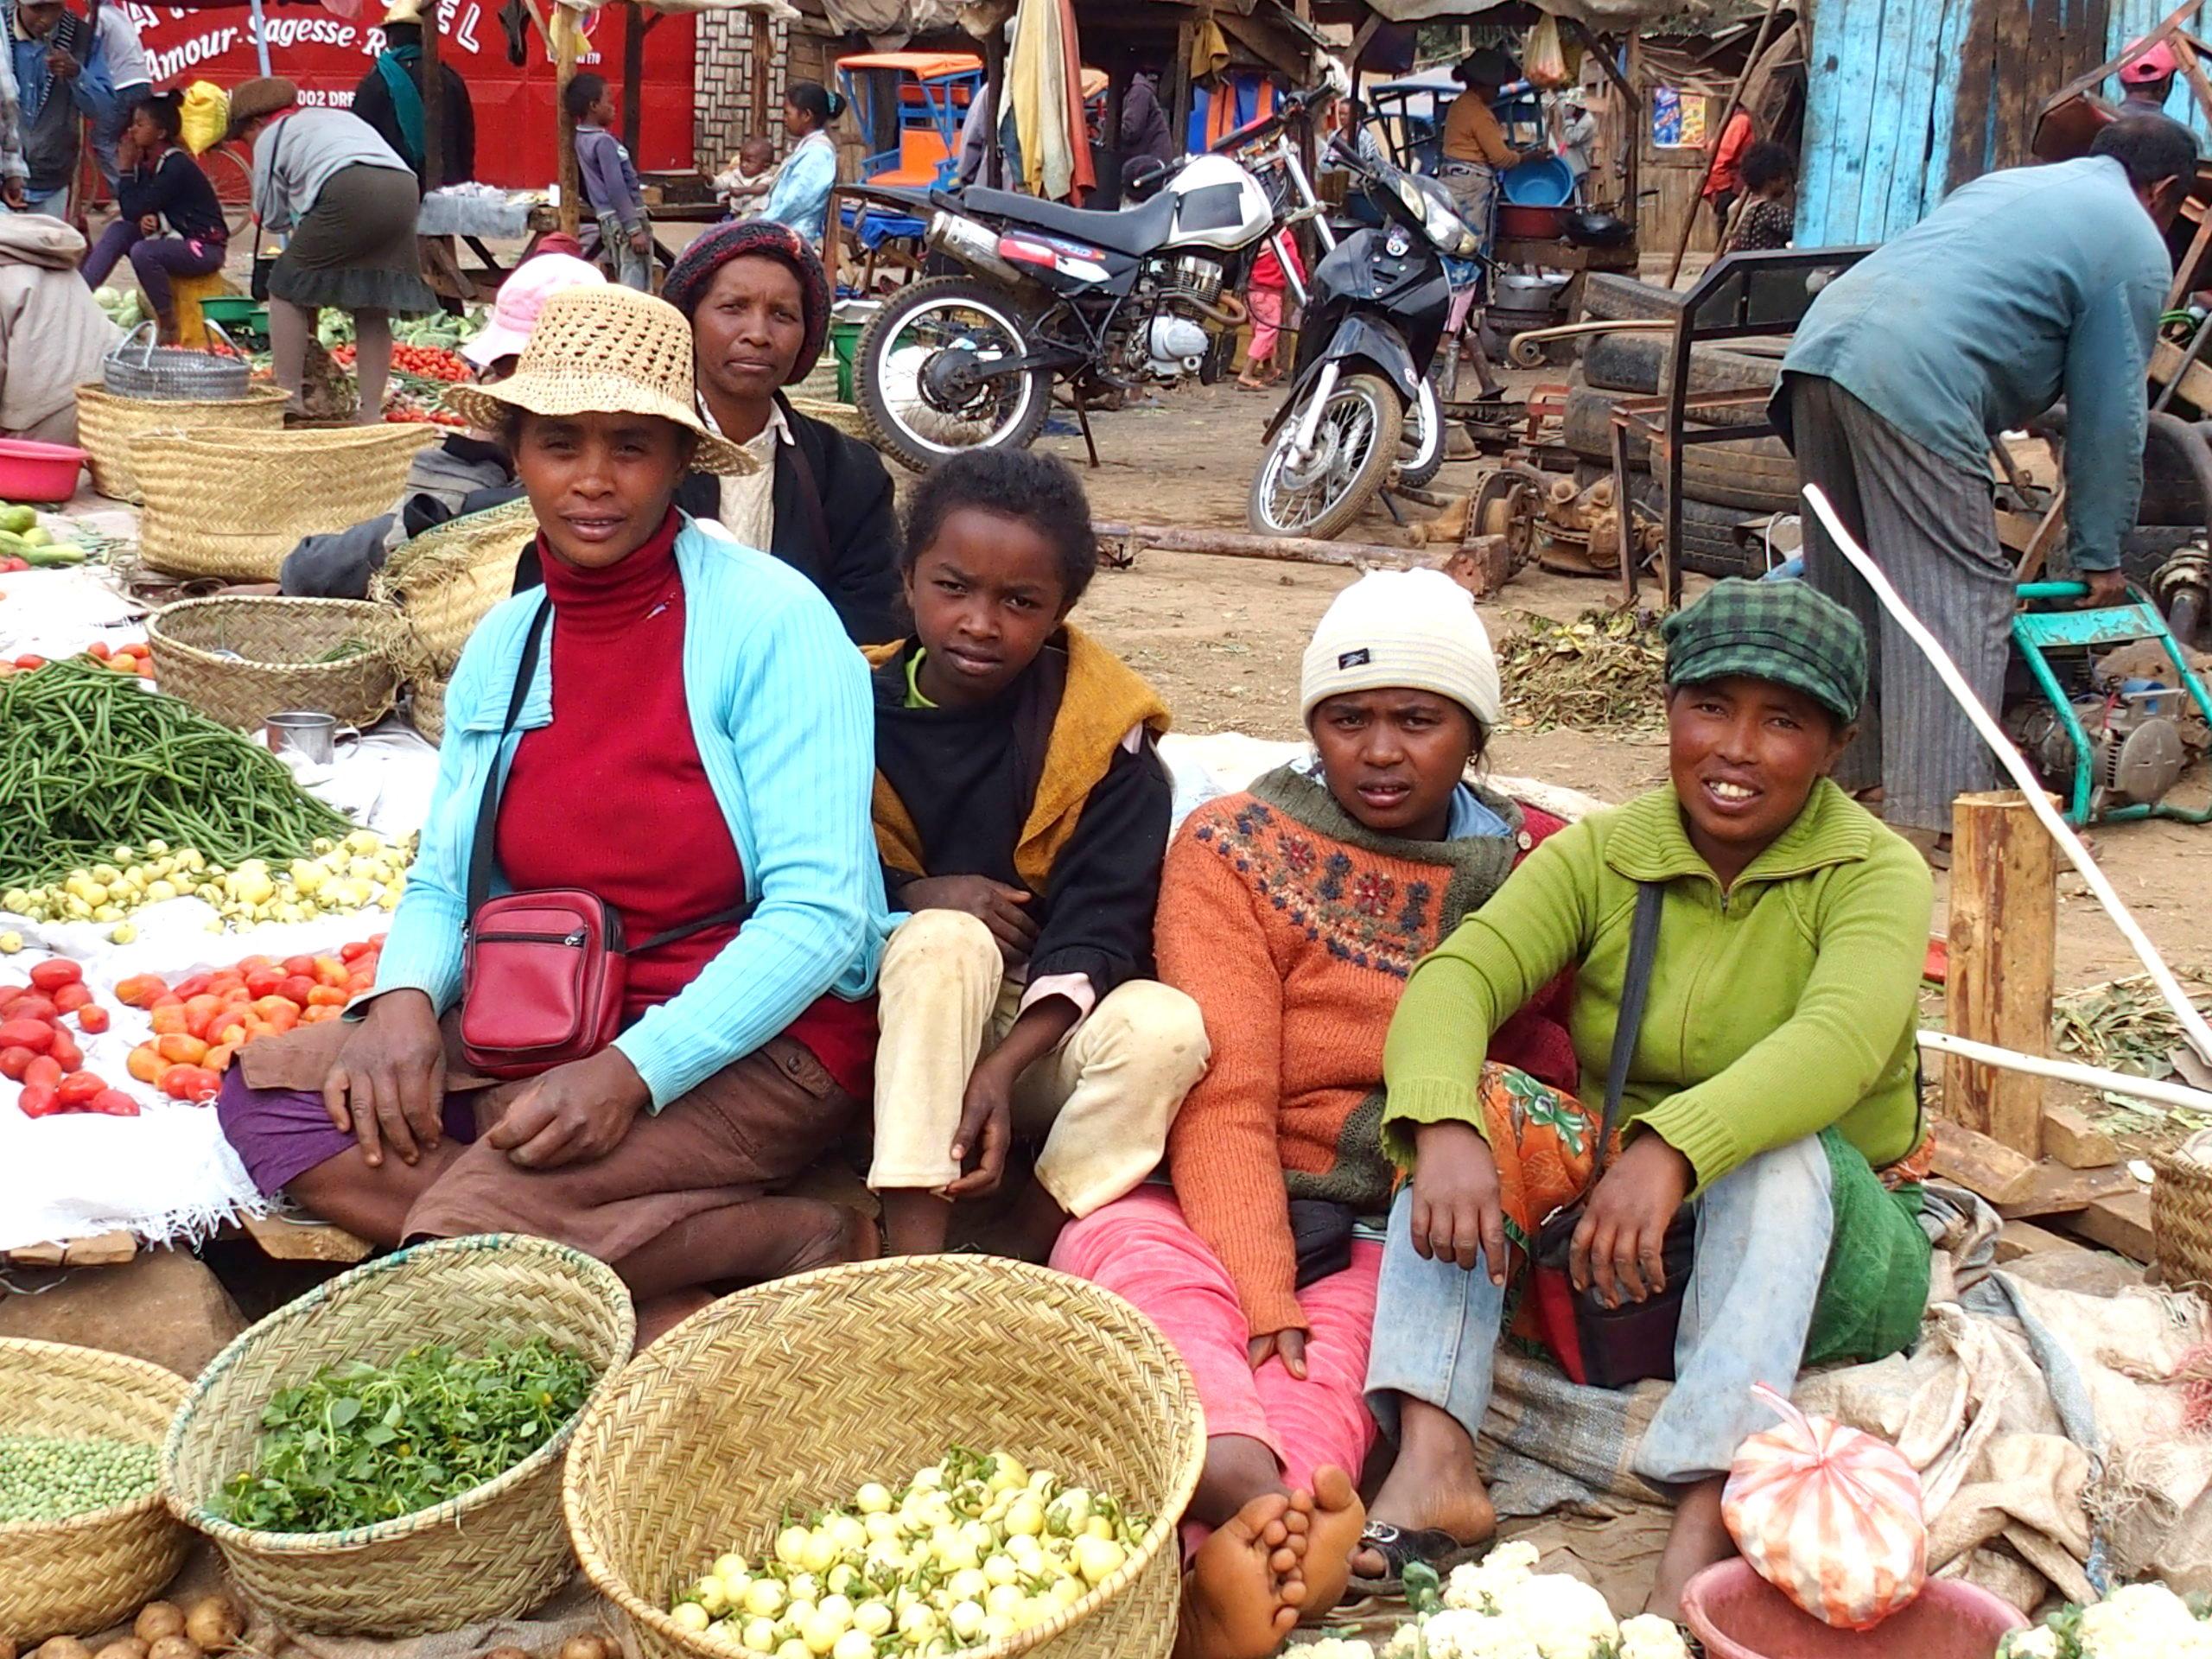 Famille sur le marché Madagascar.